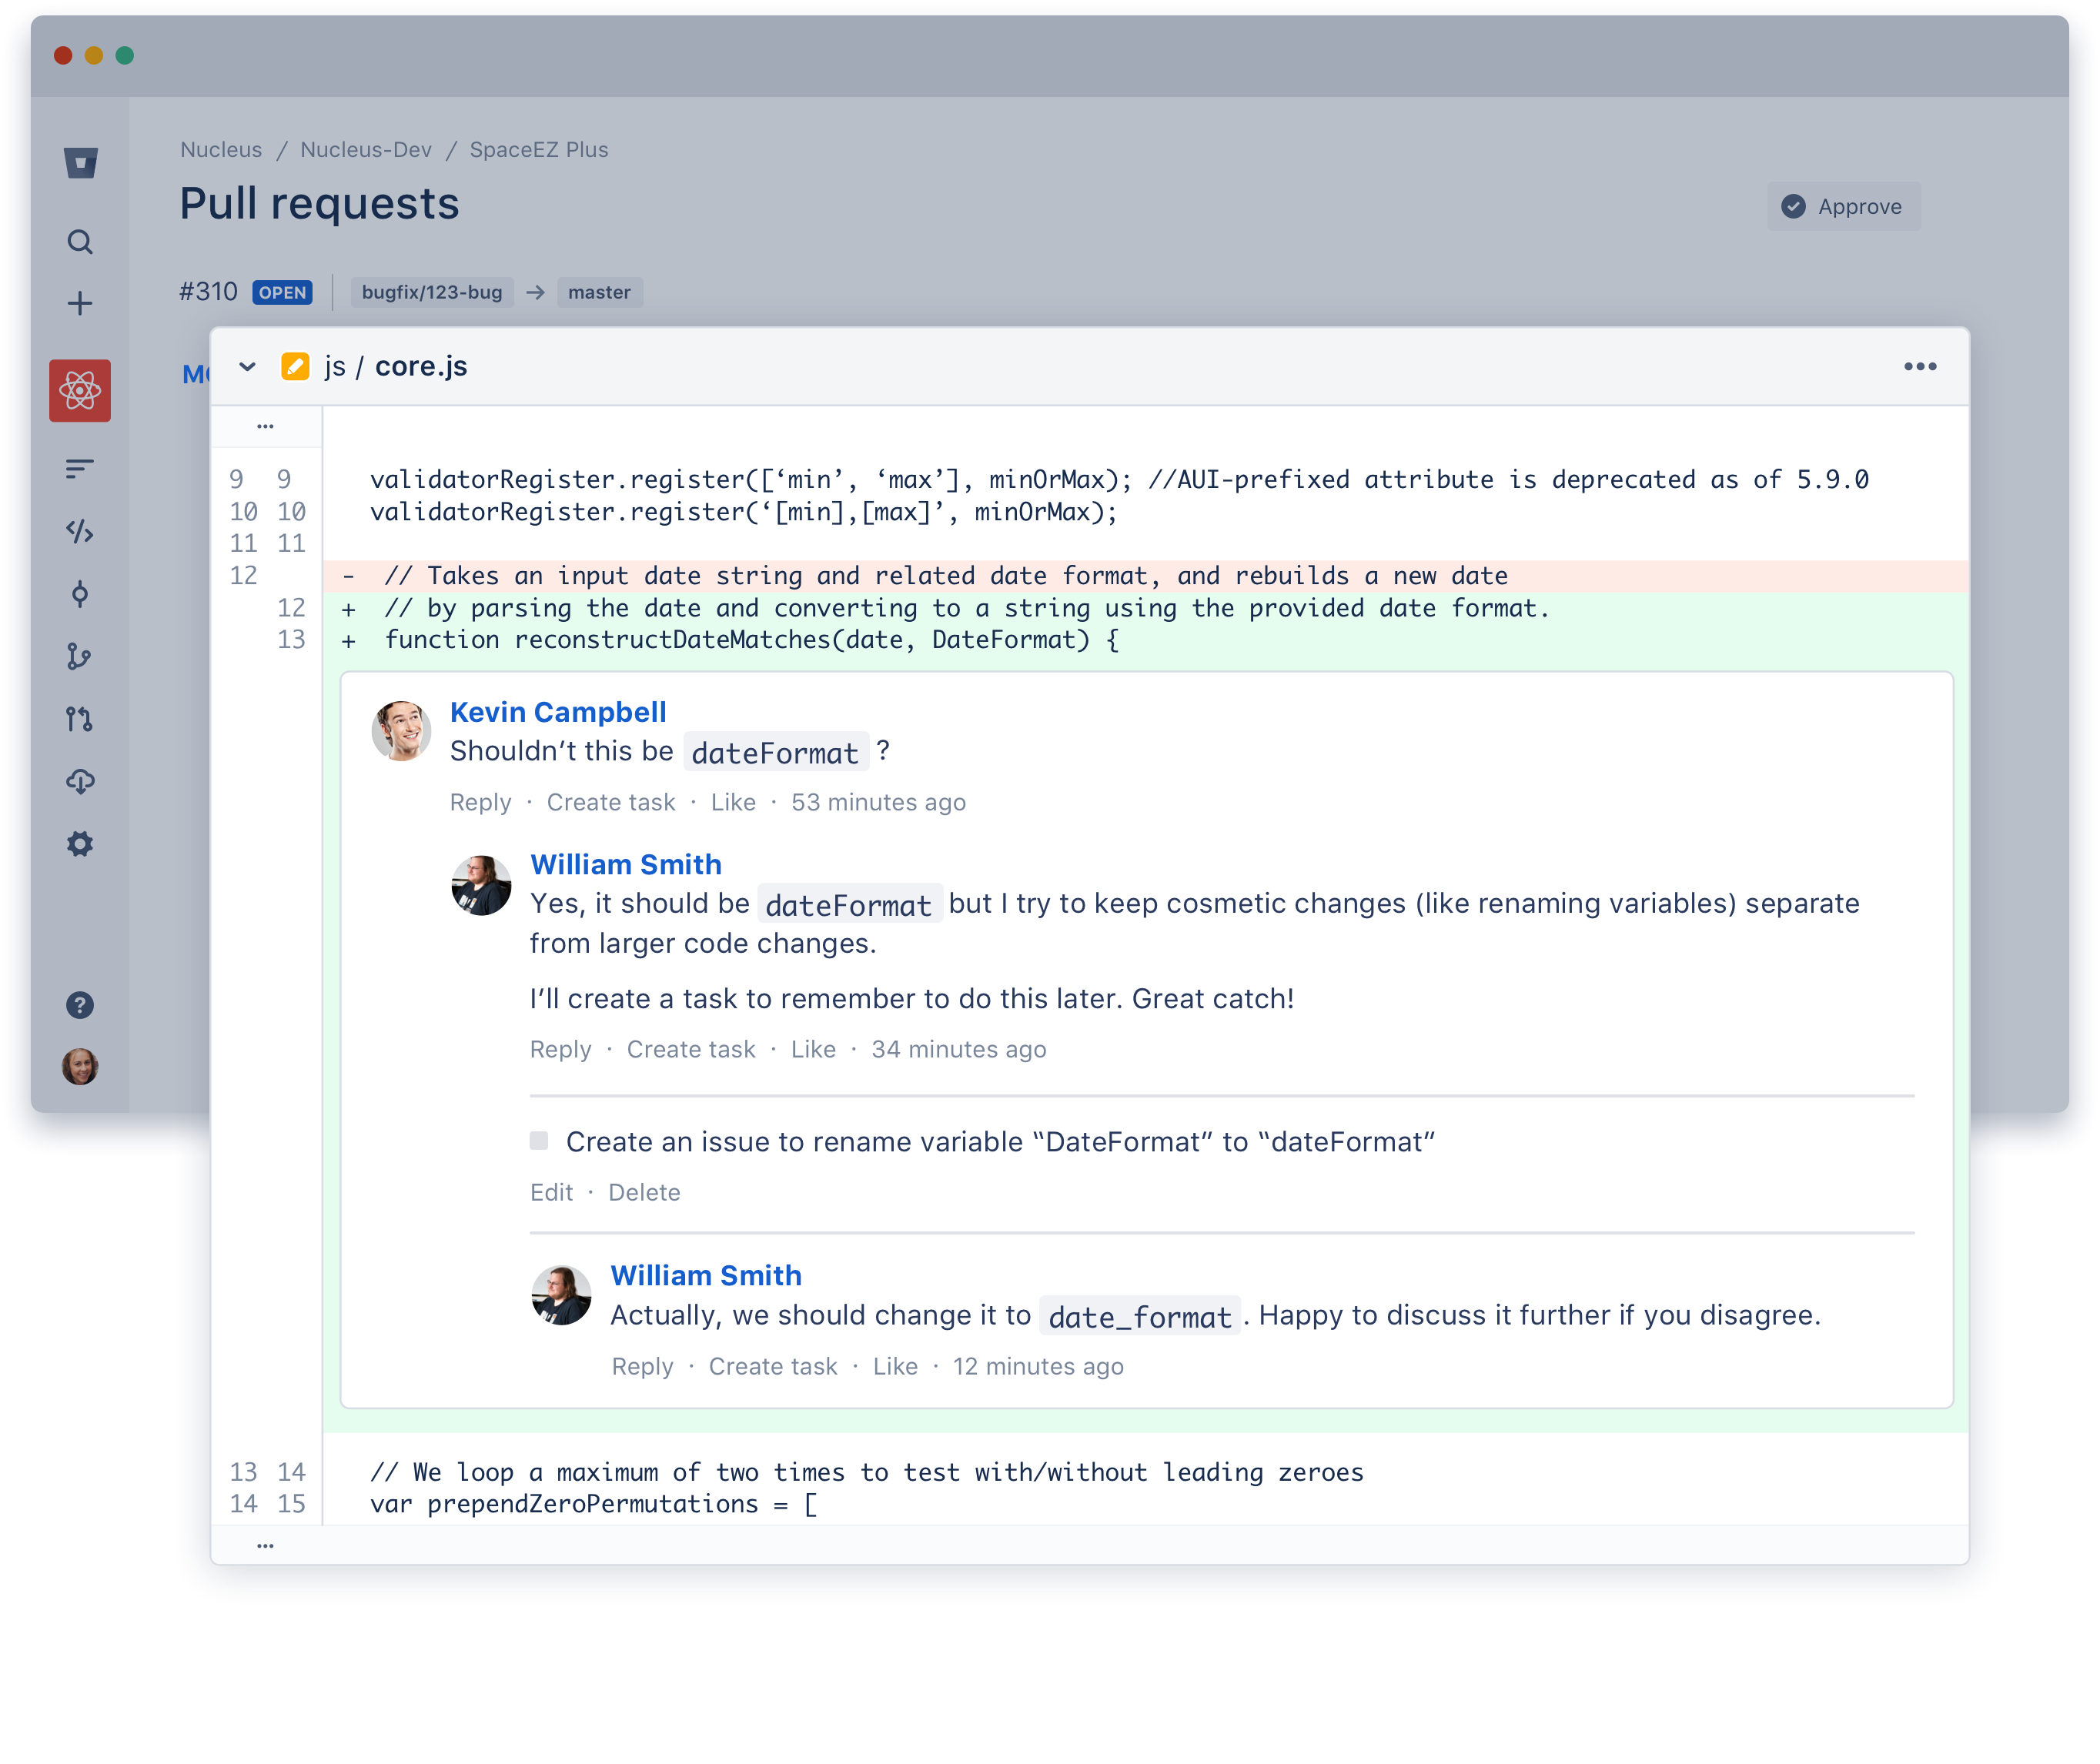 Dodawanie operacji commit w aplikacji Sourcetree